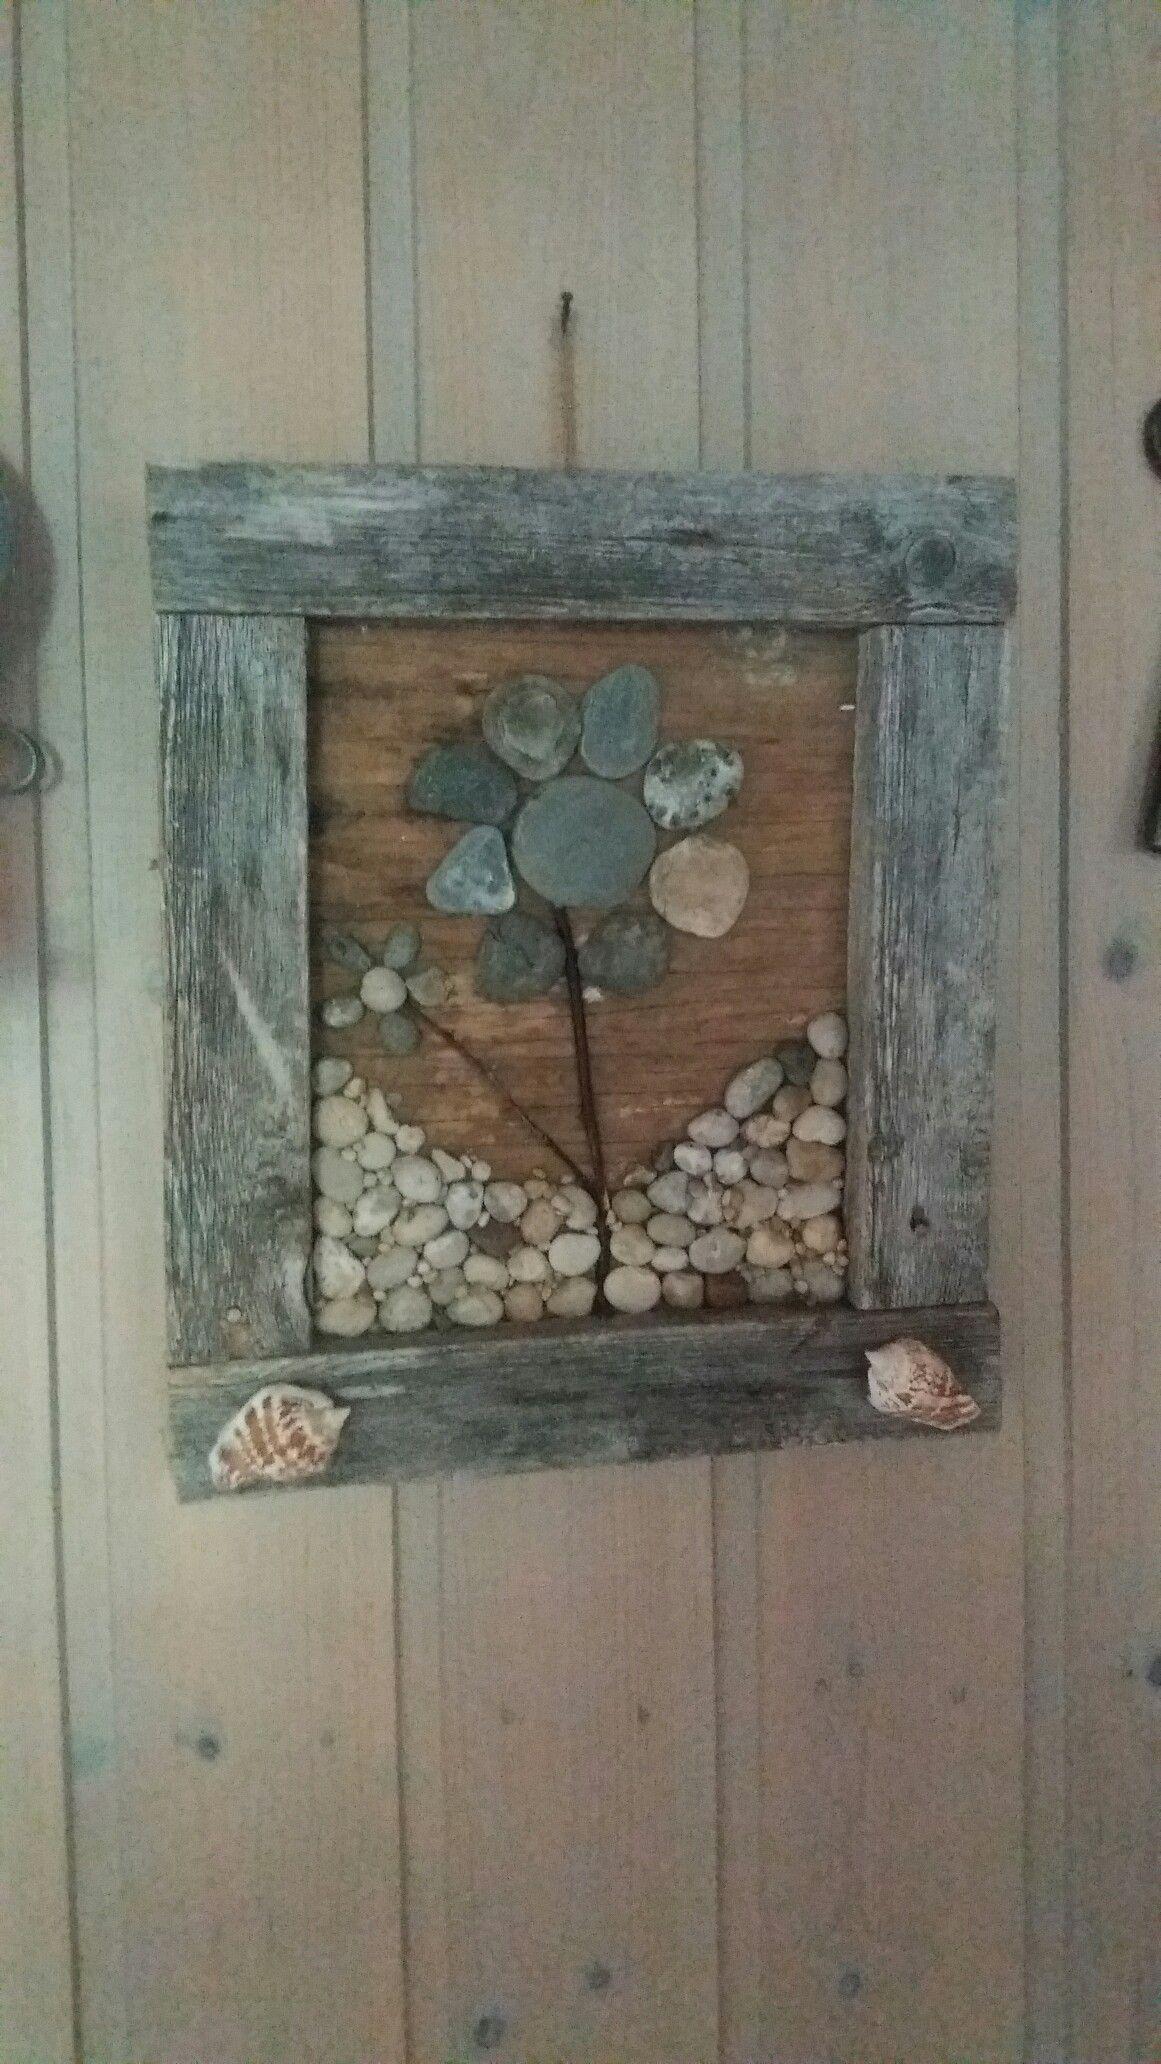 En tavla jag gjort med stenar och snäckor.